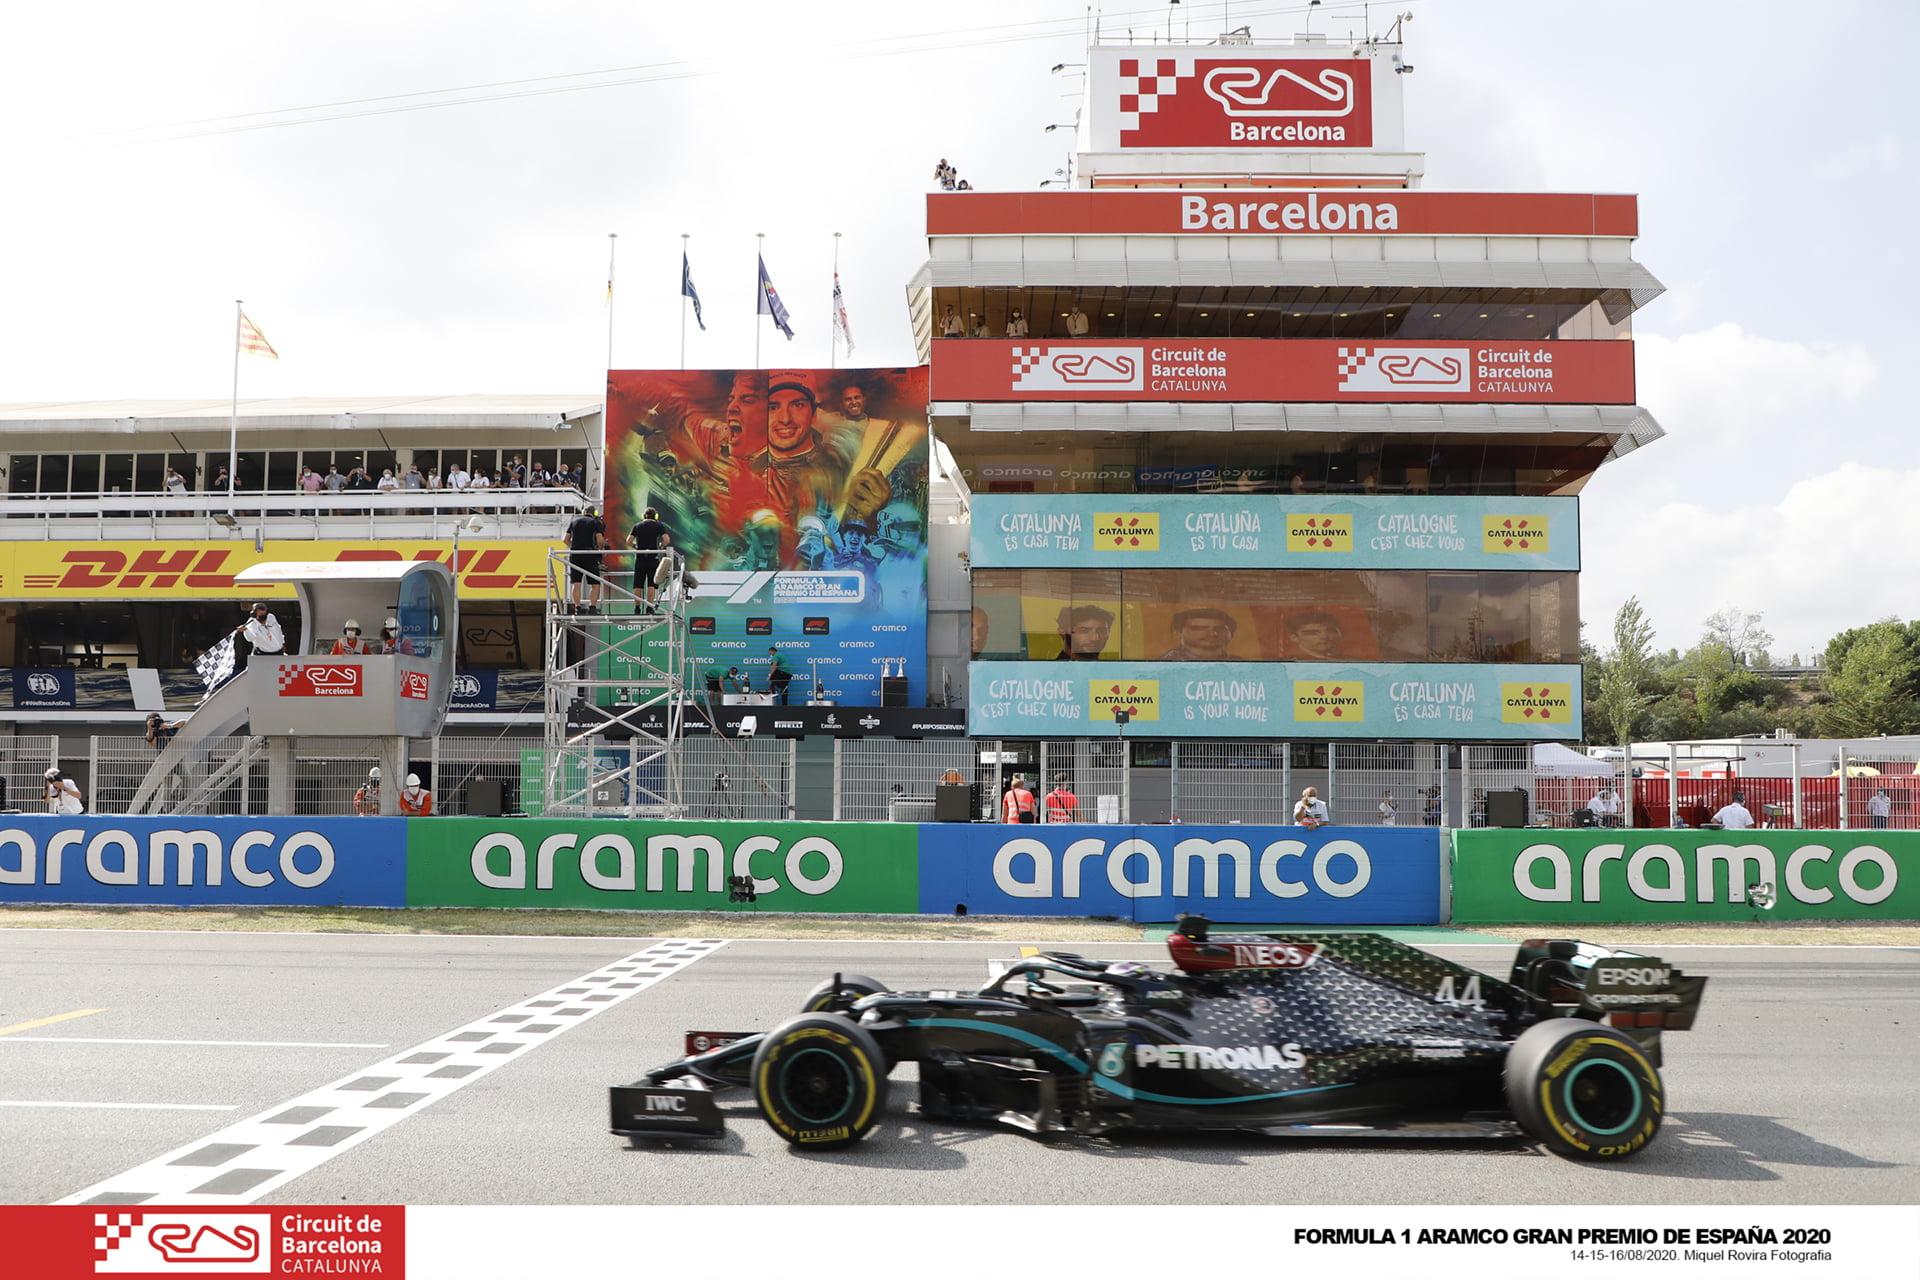 El Circuit de Barcelona-Catalunya lanza una oferta especial de entradas